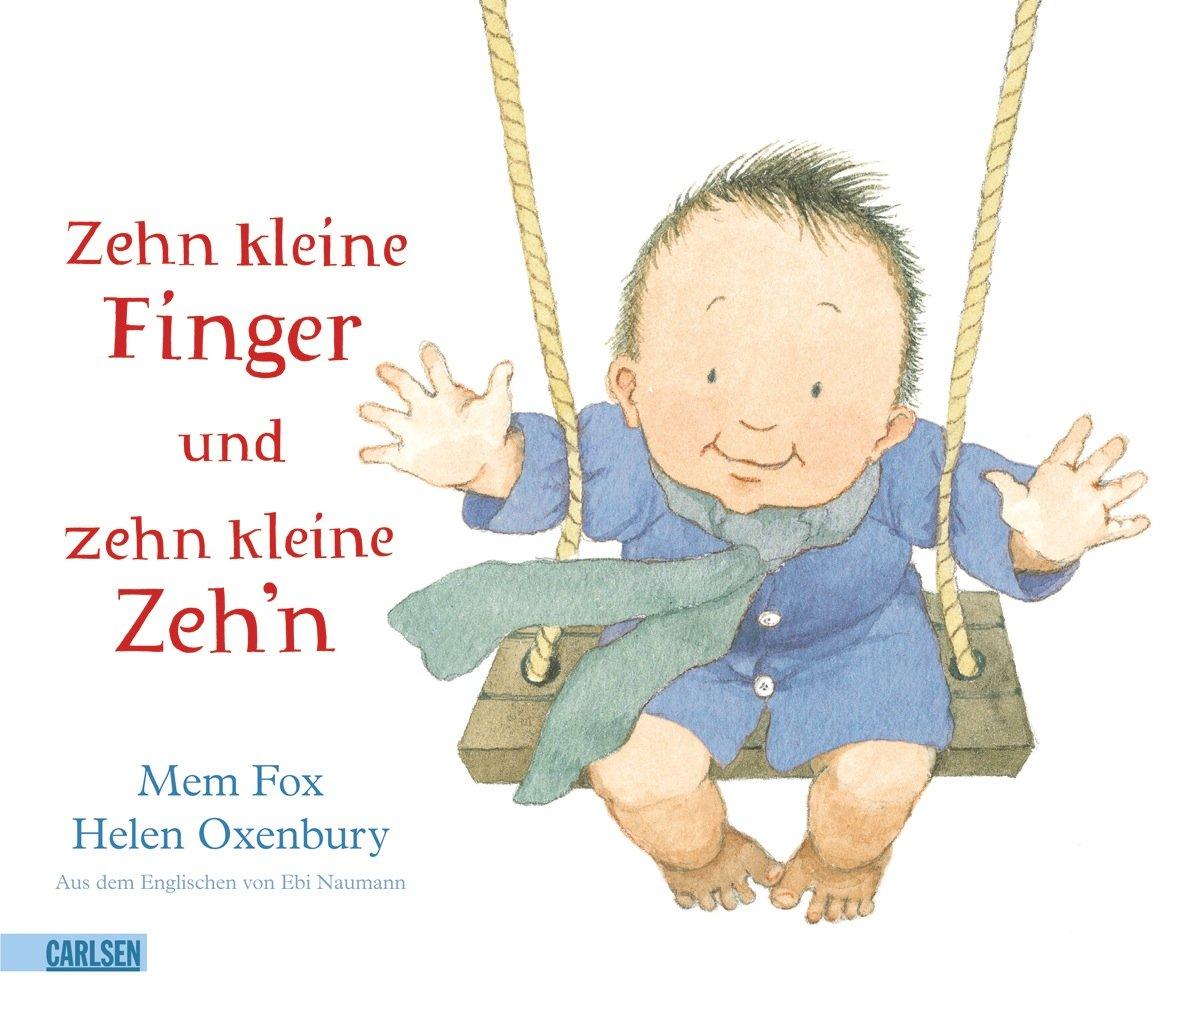 Zehn kleine Finger und zehn kleine Zeh'n